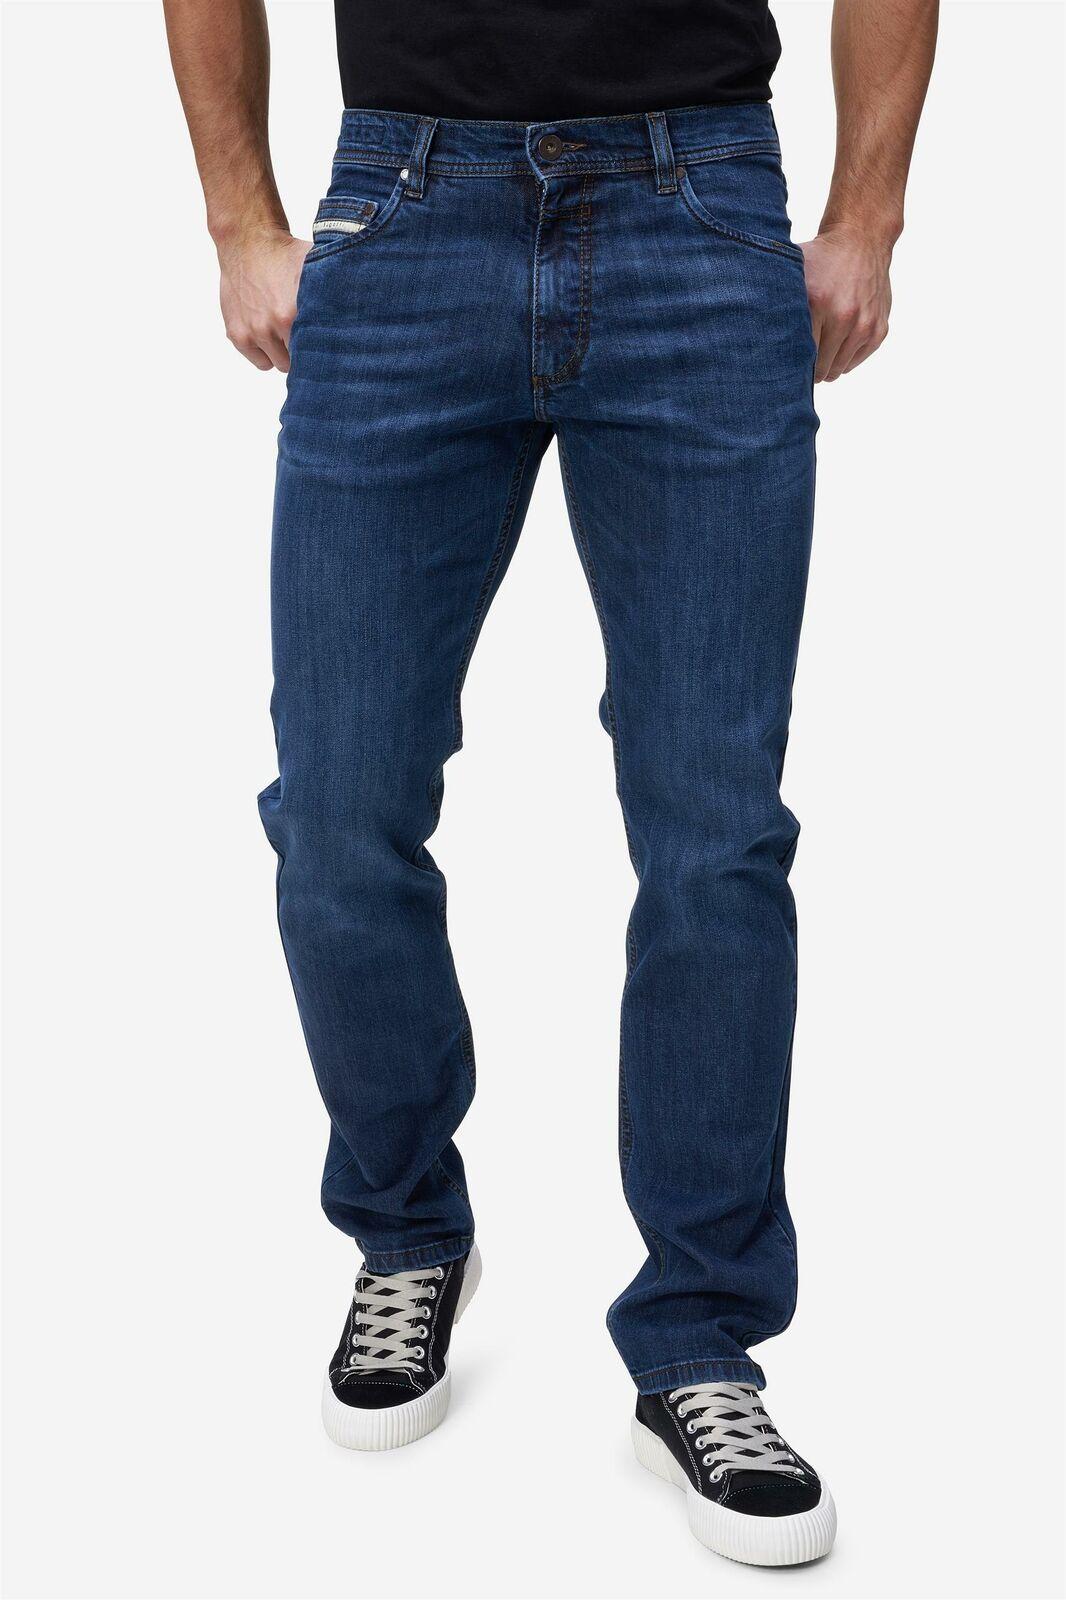 bugatti - Jeans Indigo Herren Freizeit Denim in zwei Farben erhältlich NEU: 79 €